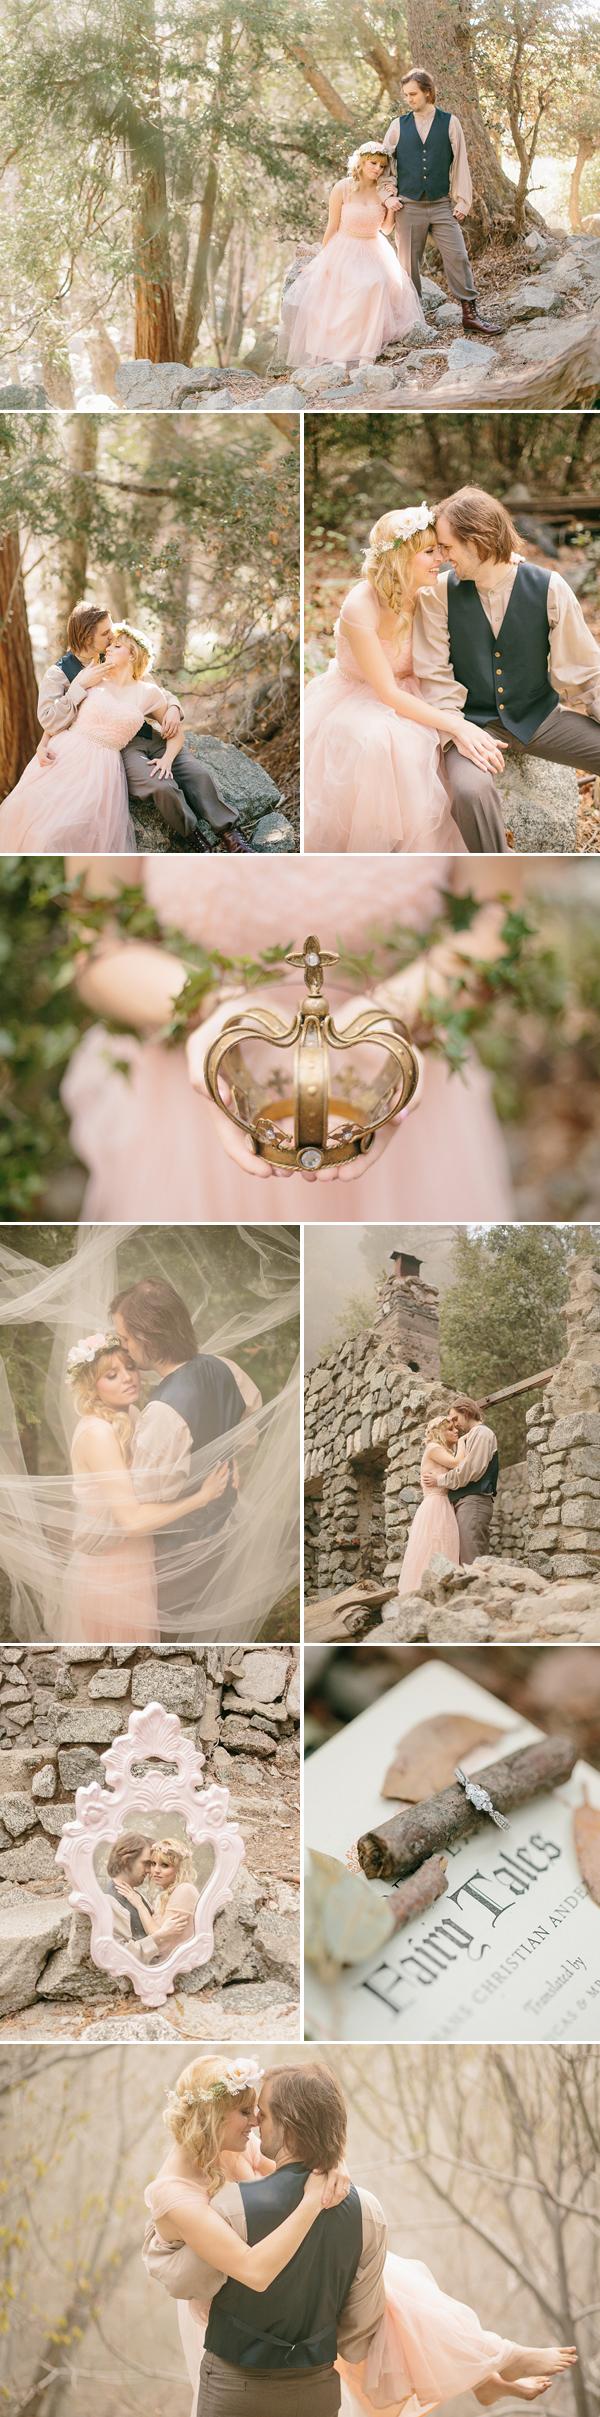 Enchanted Fairytale Engagement photo